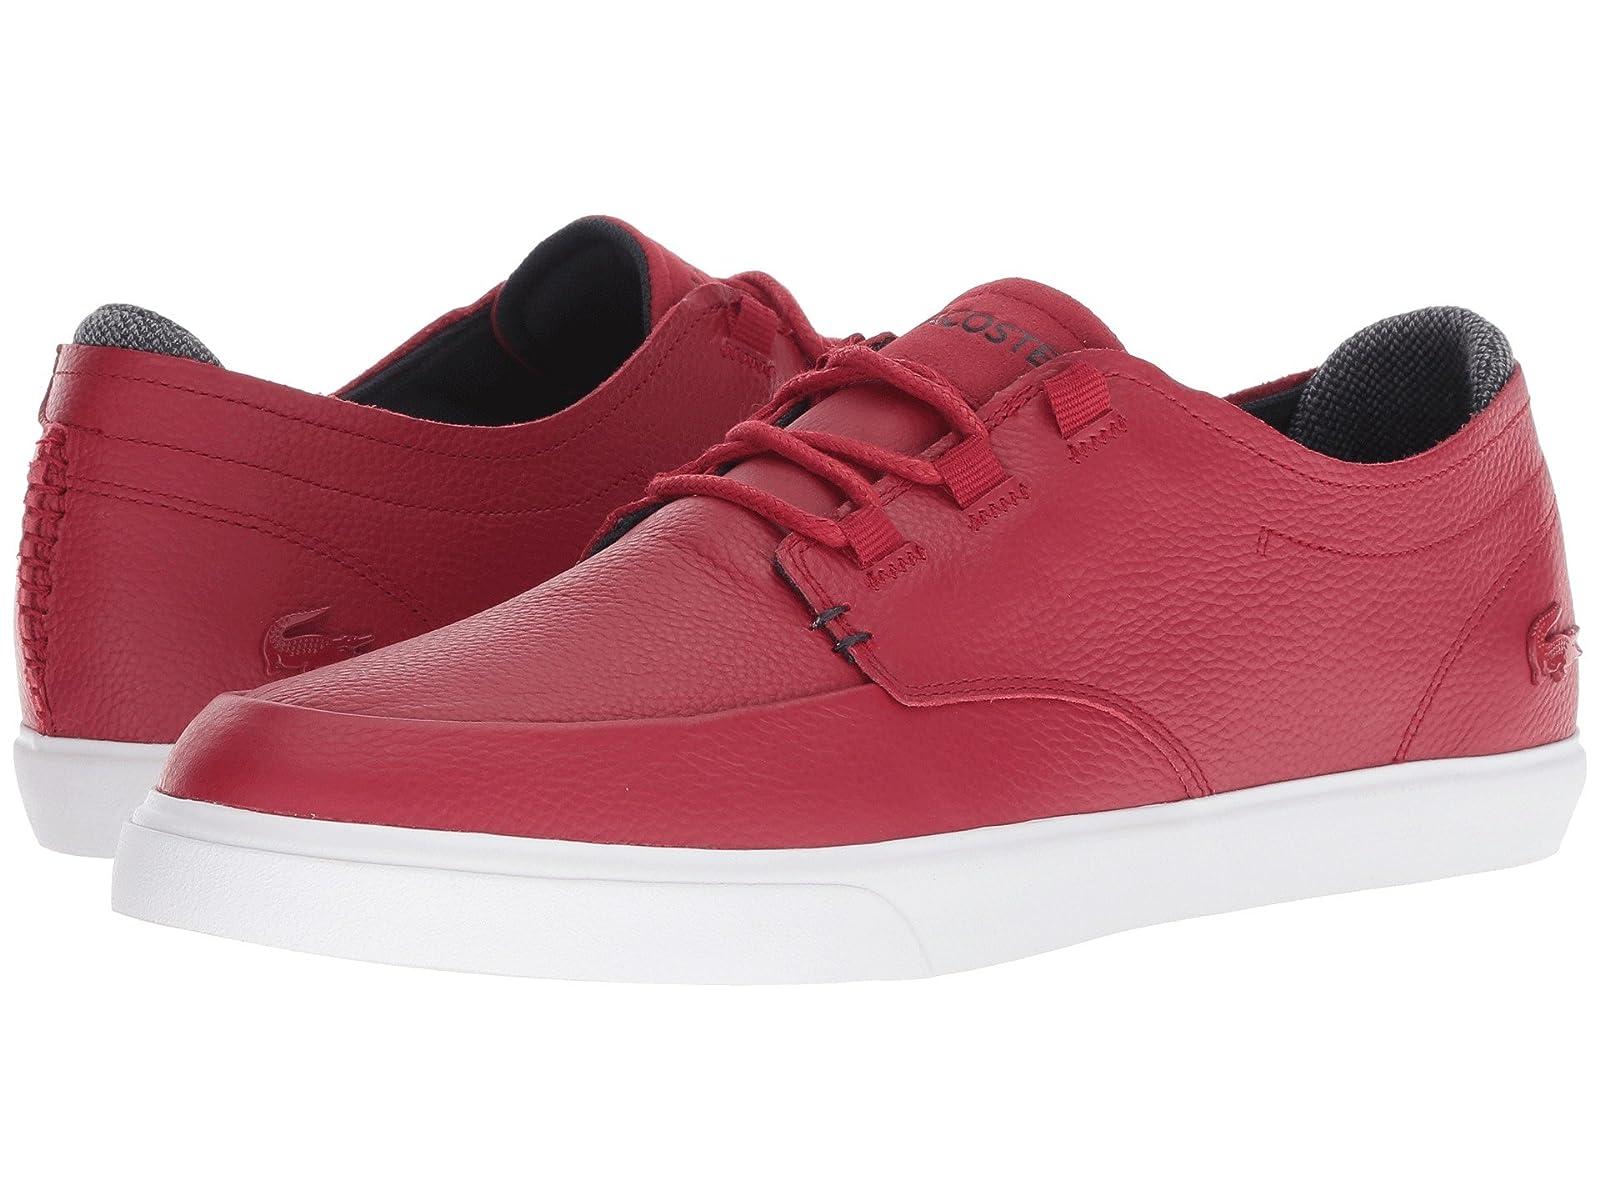 Lacoste Esparre Deck 318 1Atmospheric grades have affordable shoes